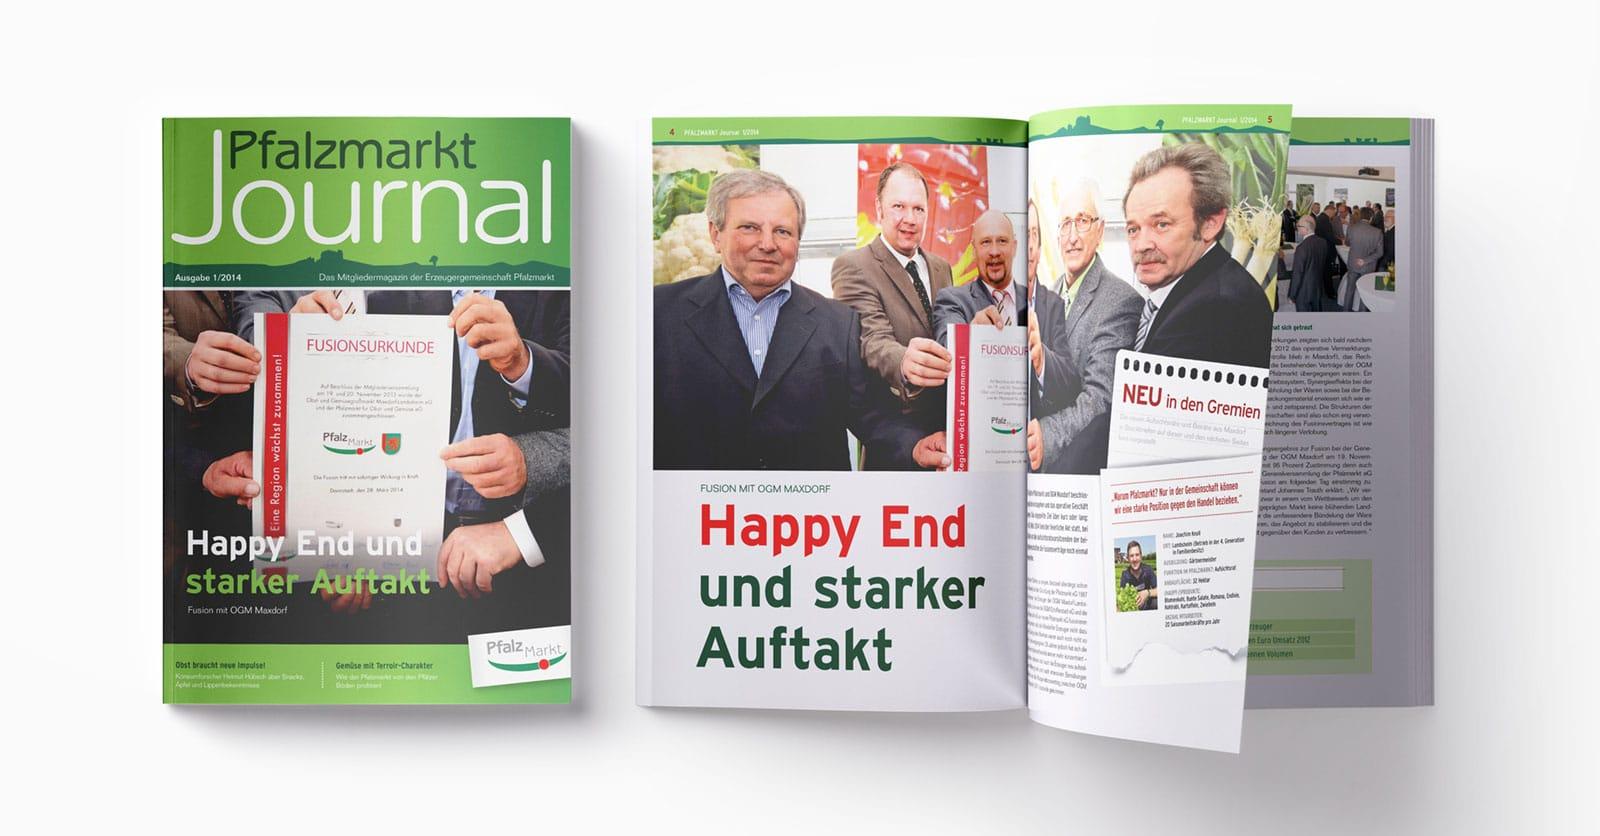 Pfalzmarkt Journal Ausgabe 1-2014